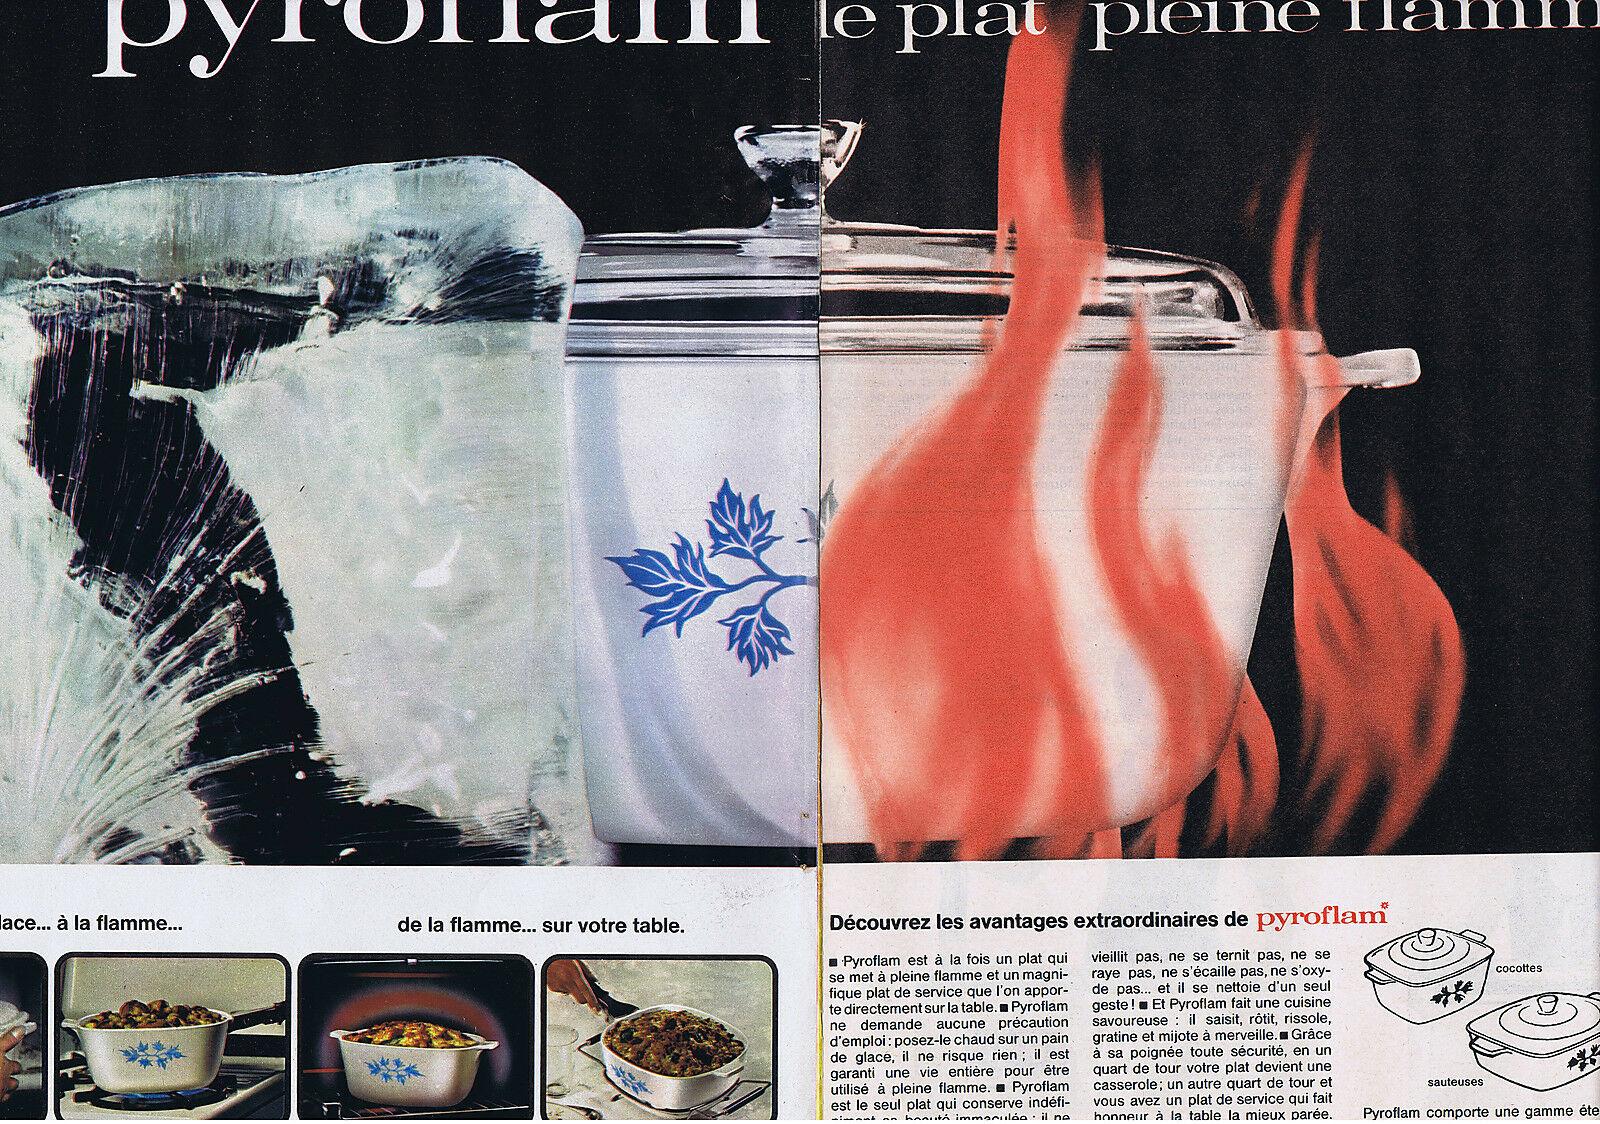 1964 PYROFLAM le plat pleine Flamme